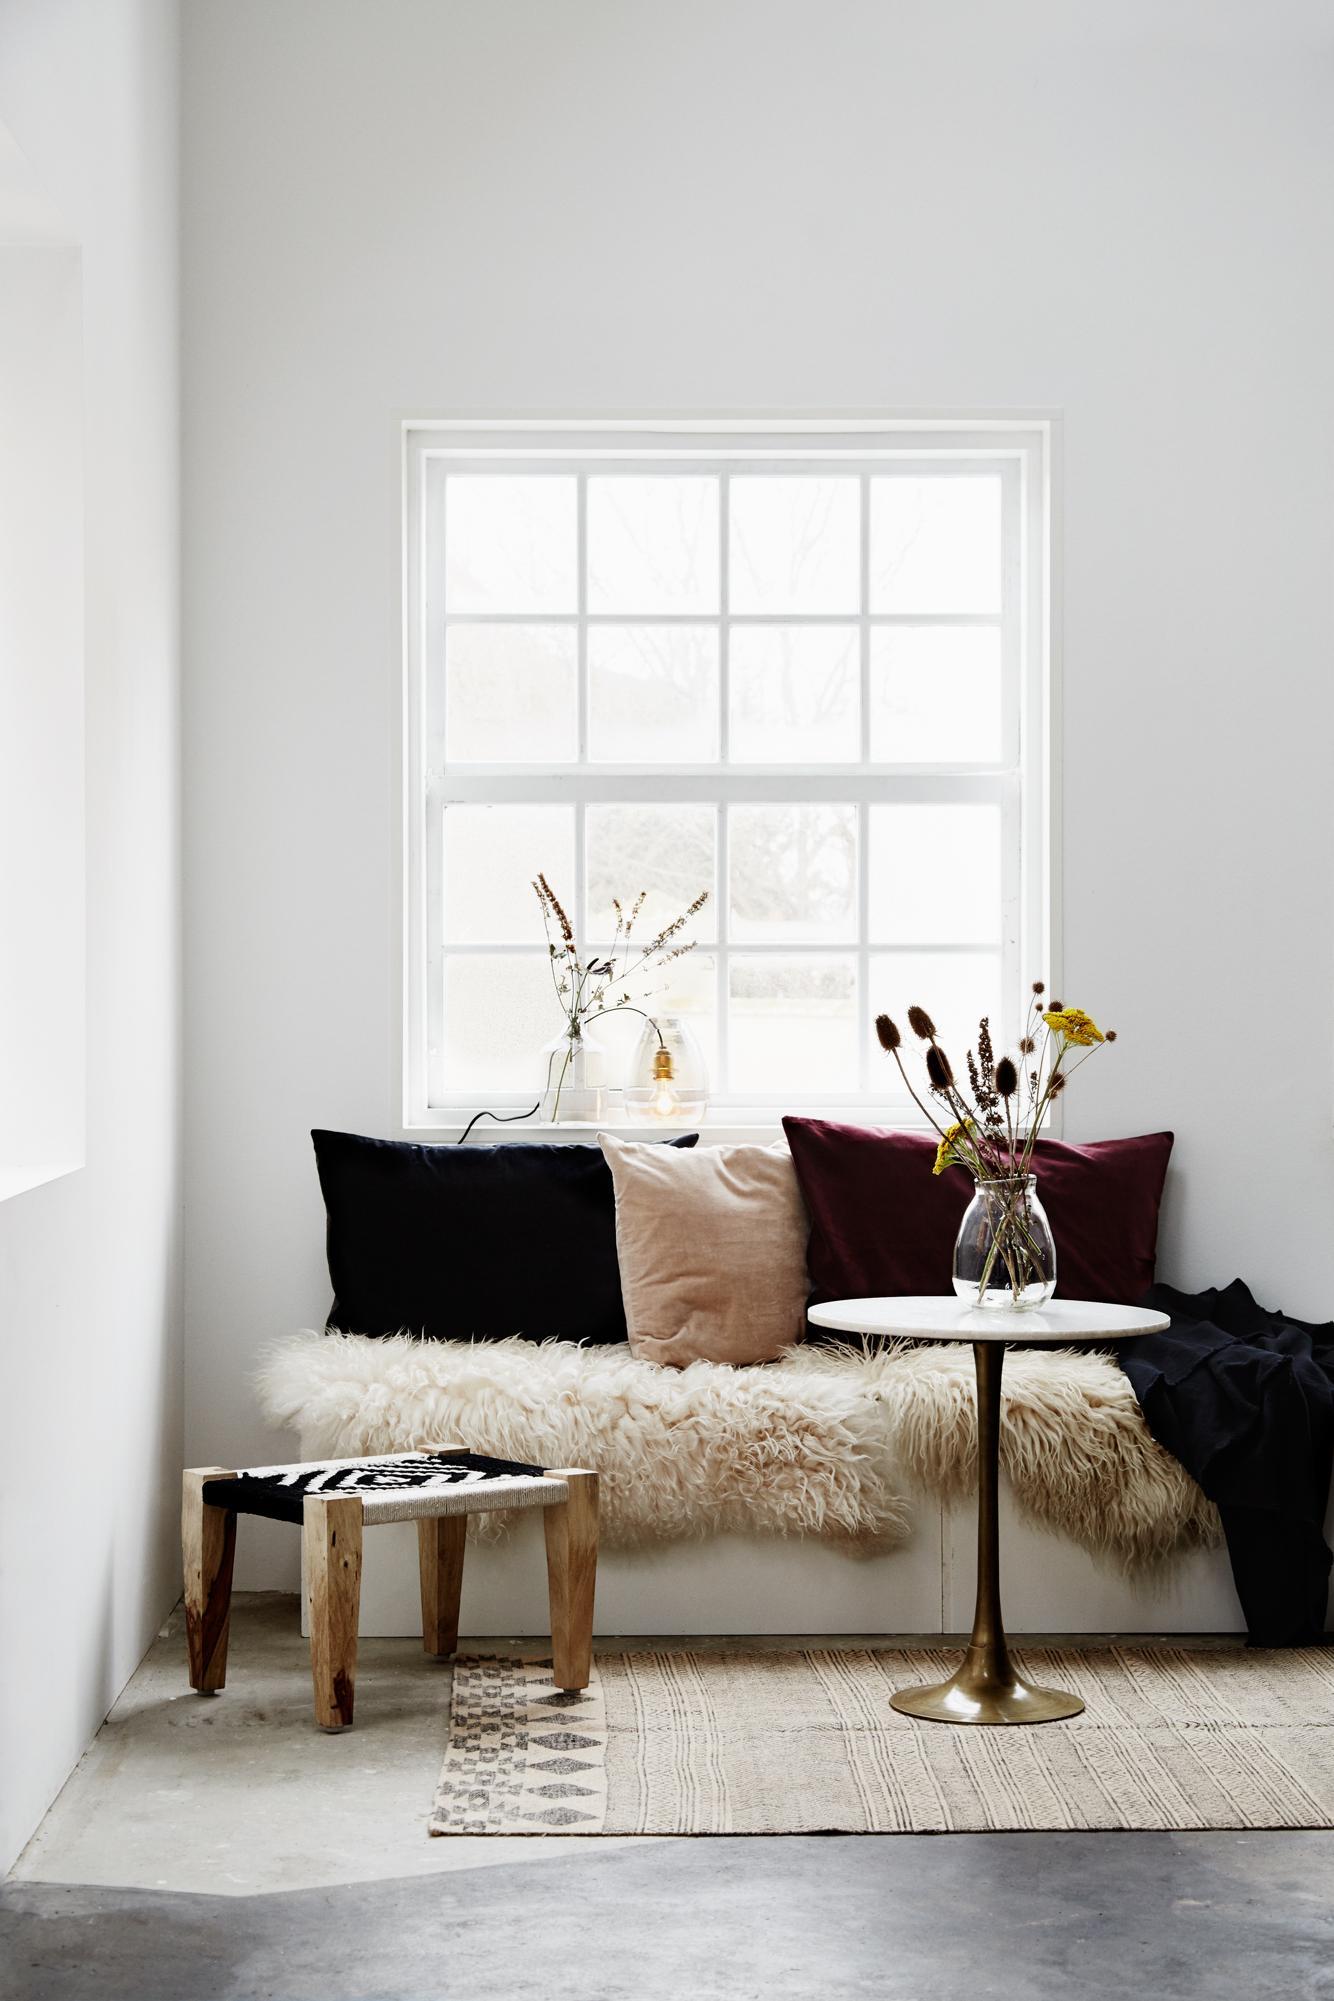 Sitzbank Wohnzimmer Fotos : Sitzbank mit schaffell hocker wohnzimmer